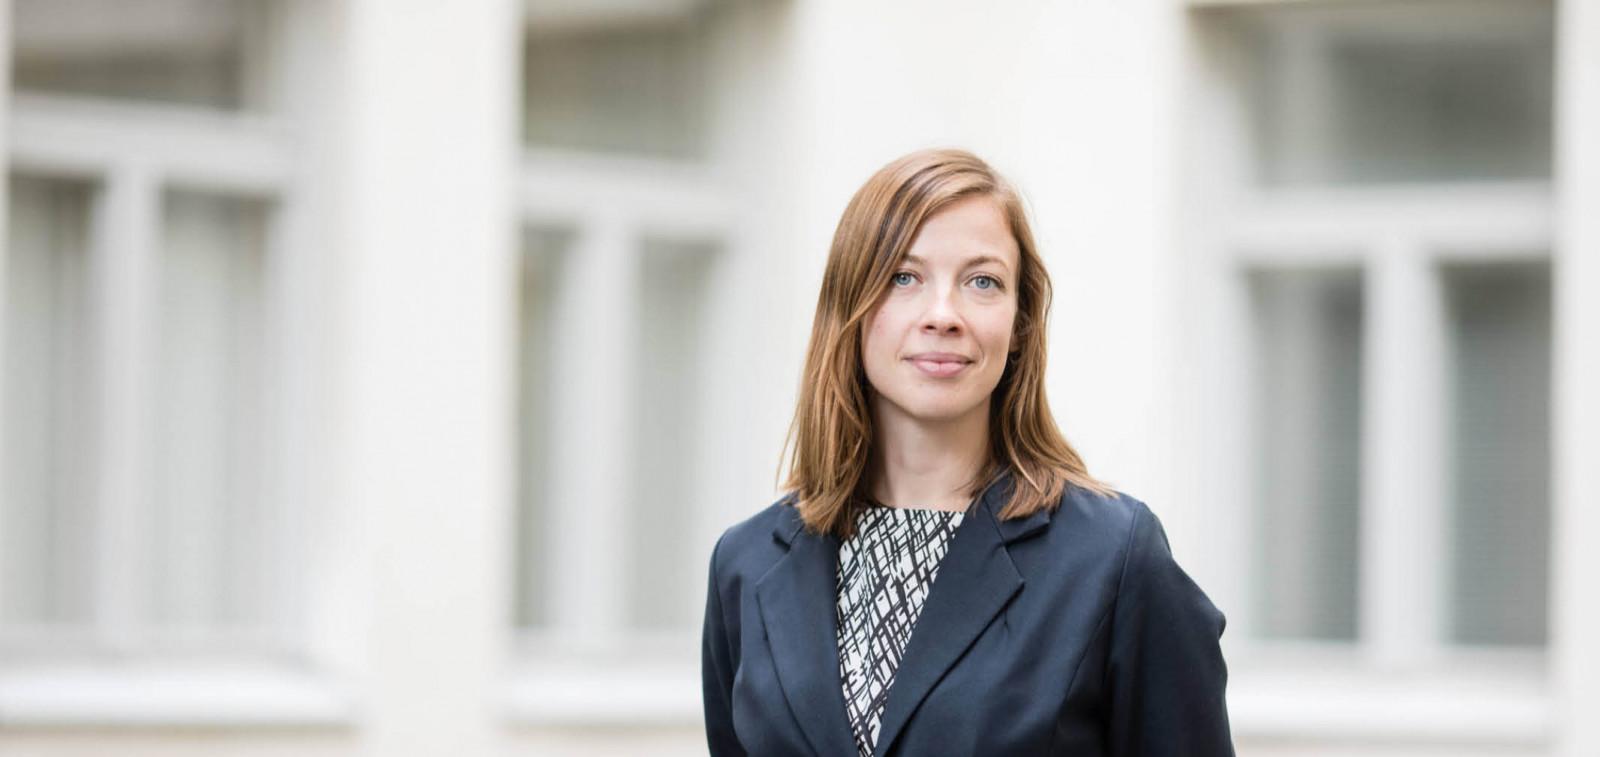 Opetusministeri Li Andersson vaalean rakennuksen edustalla päällään tumma jakkuasu.